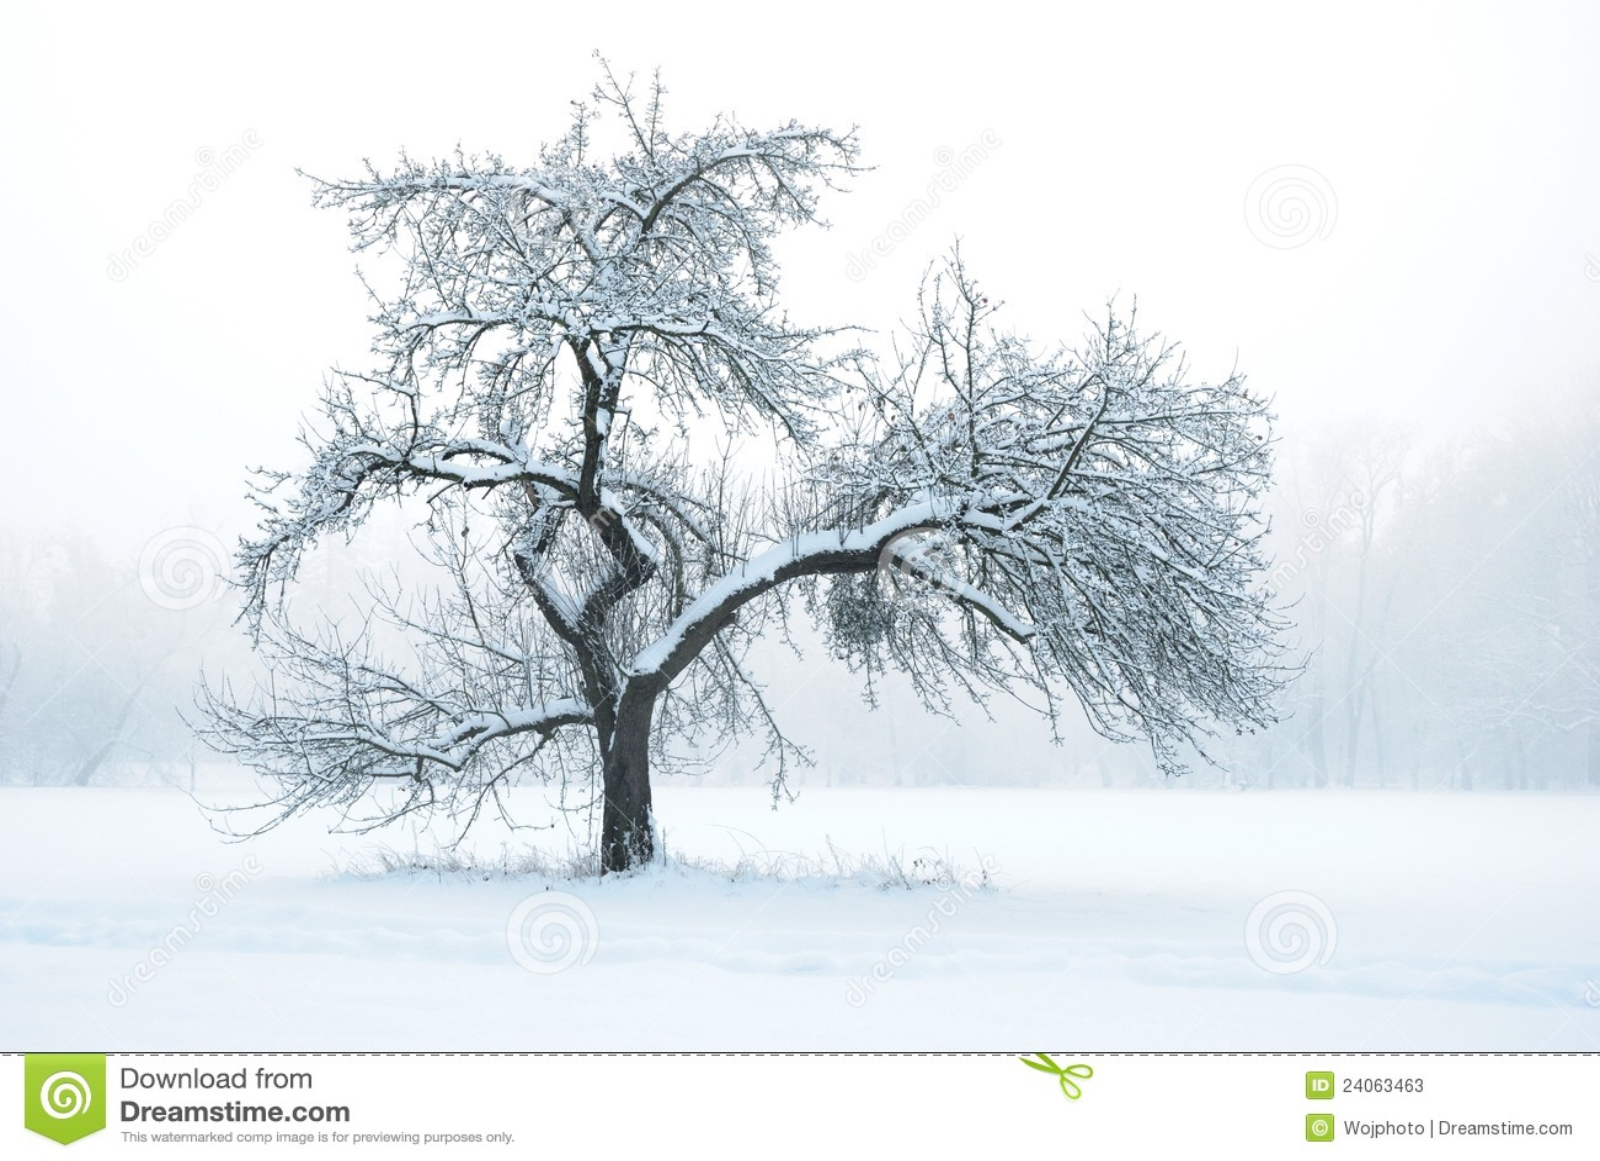 apfelbaum unter schnee im winter stockfotos bild 24063463. Black Bedroom Furniture Sets. Home Design Ideas